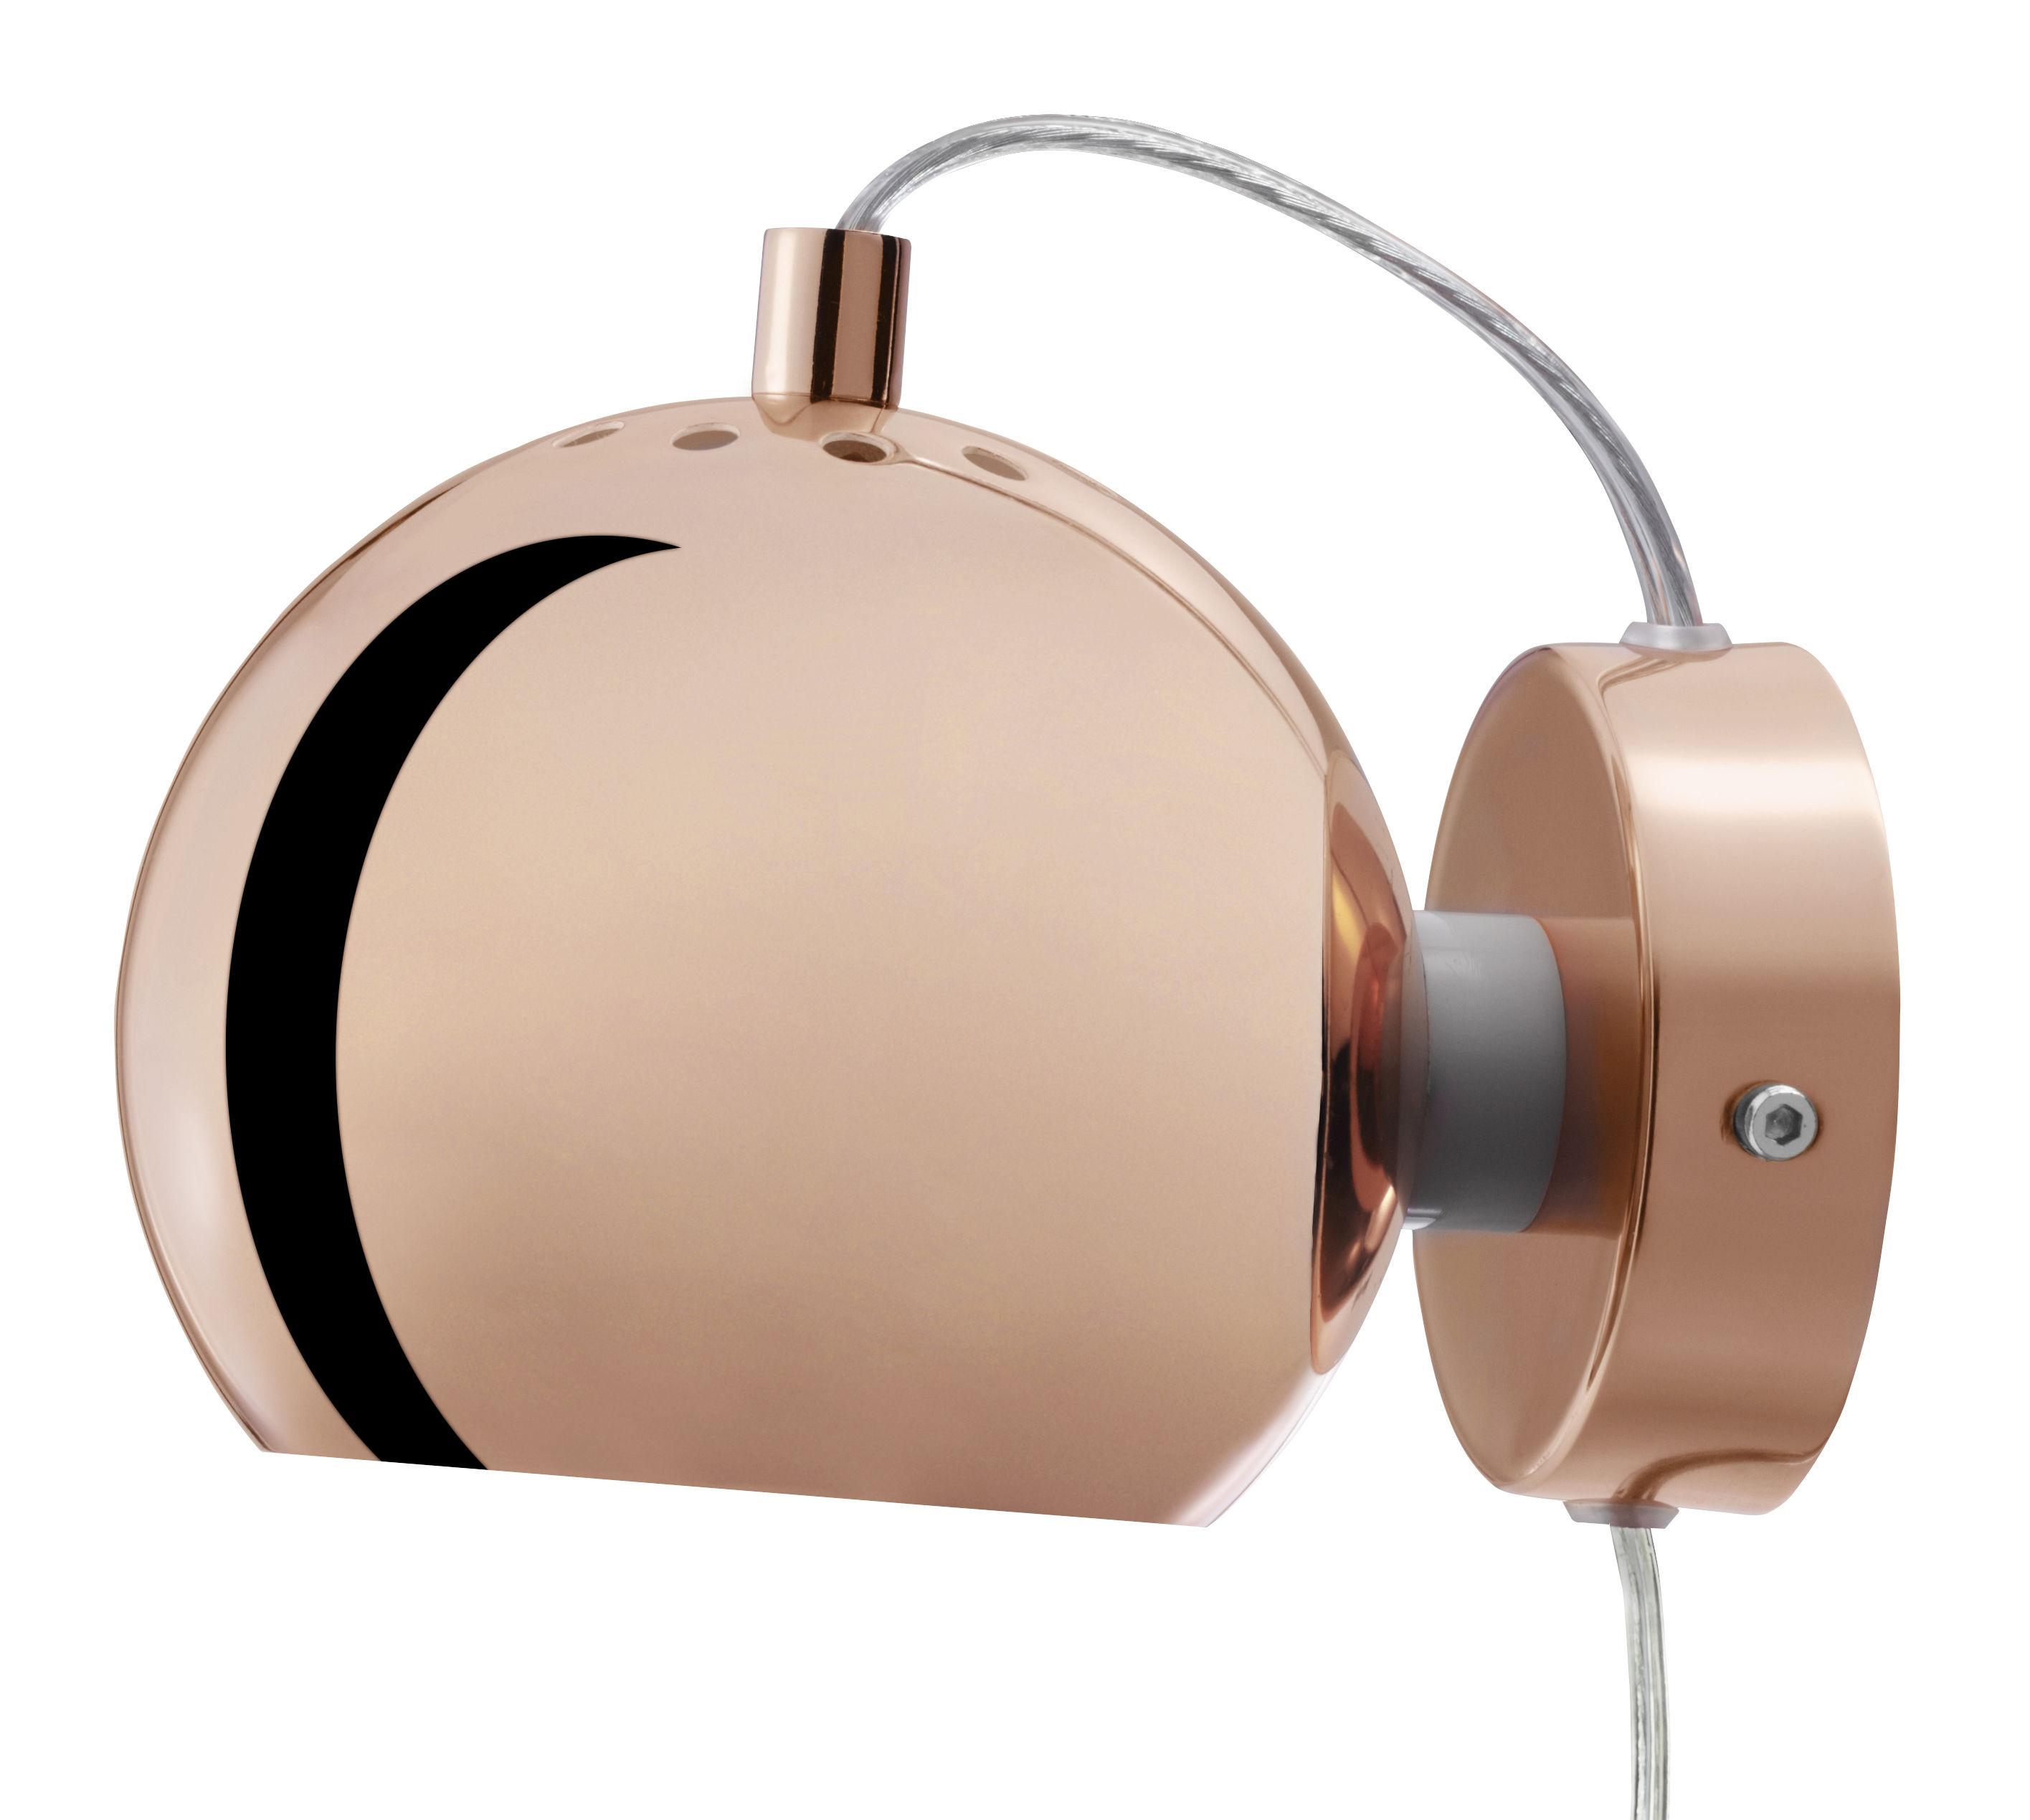 Luminaire - Appliques - Applique avec prise Ball / Ø 12 cm - Réédition 1968 - Frandsen - Cuivre - Métal finition cuivre